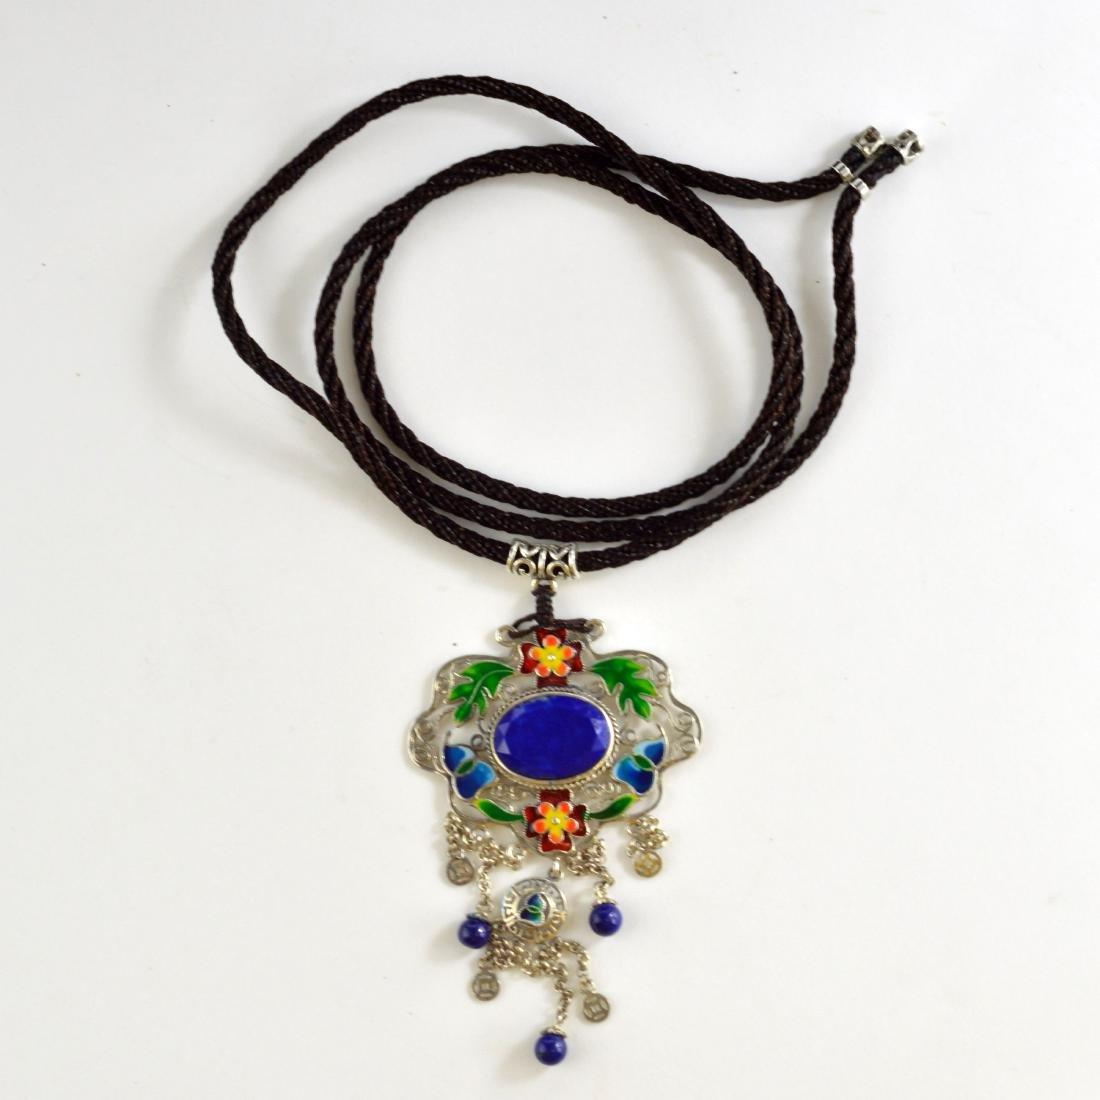 Cloisonne Lapis Lazuli pendant Necklace